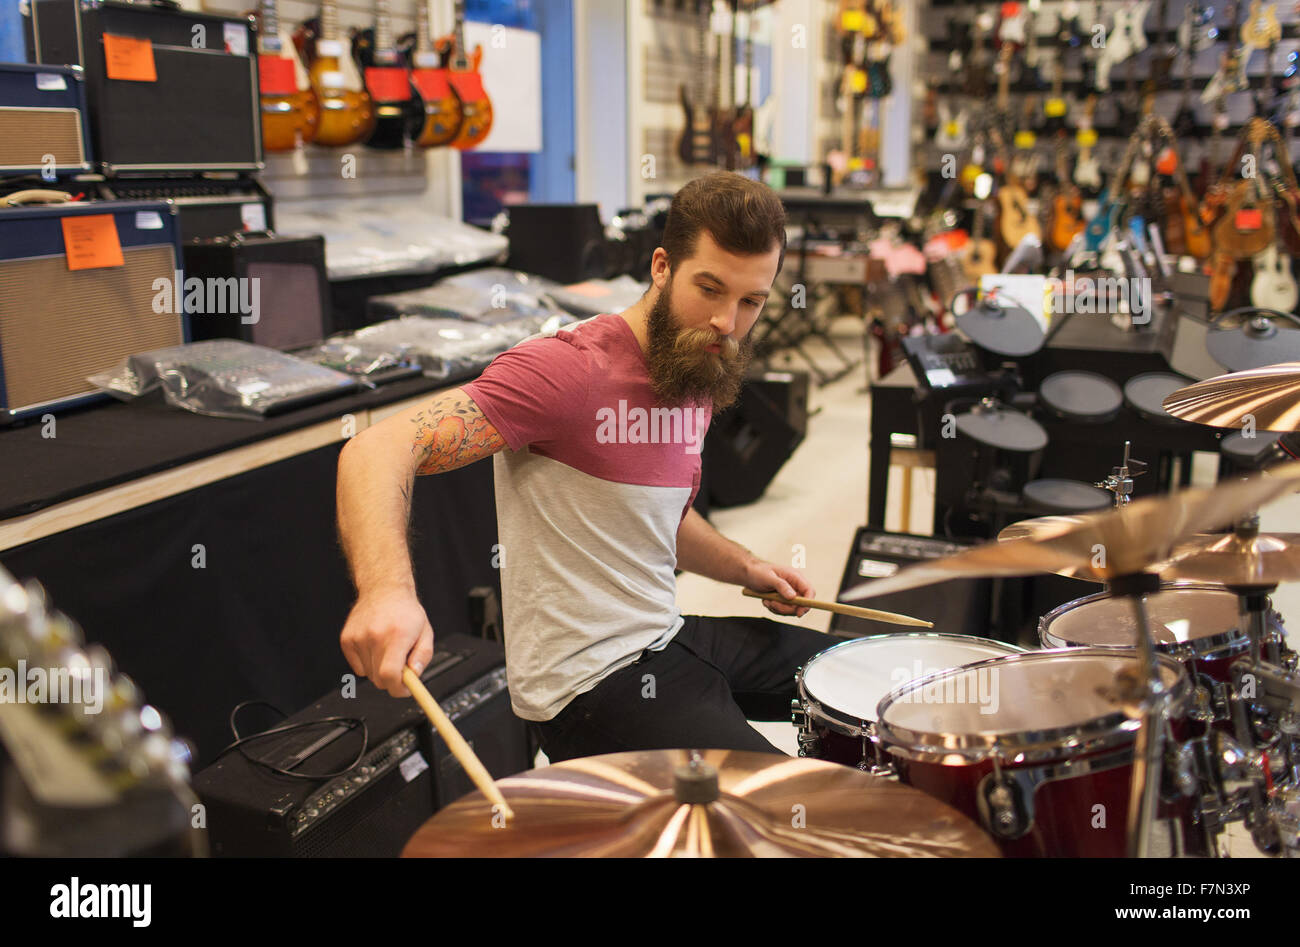 männliche Musiker spielt Becken im Musikladen Stockbild